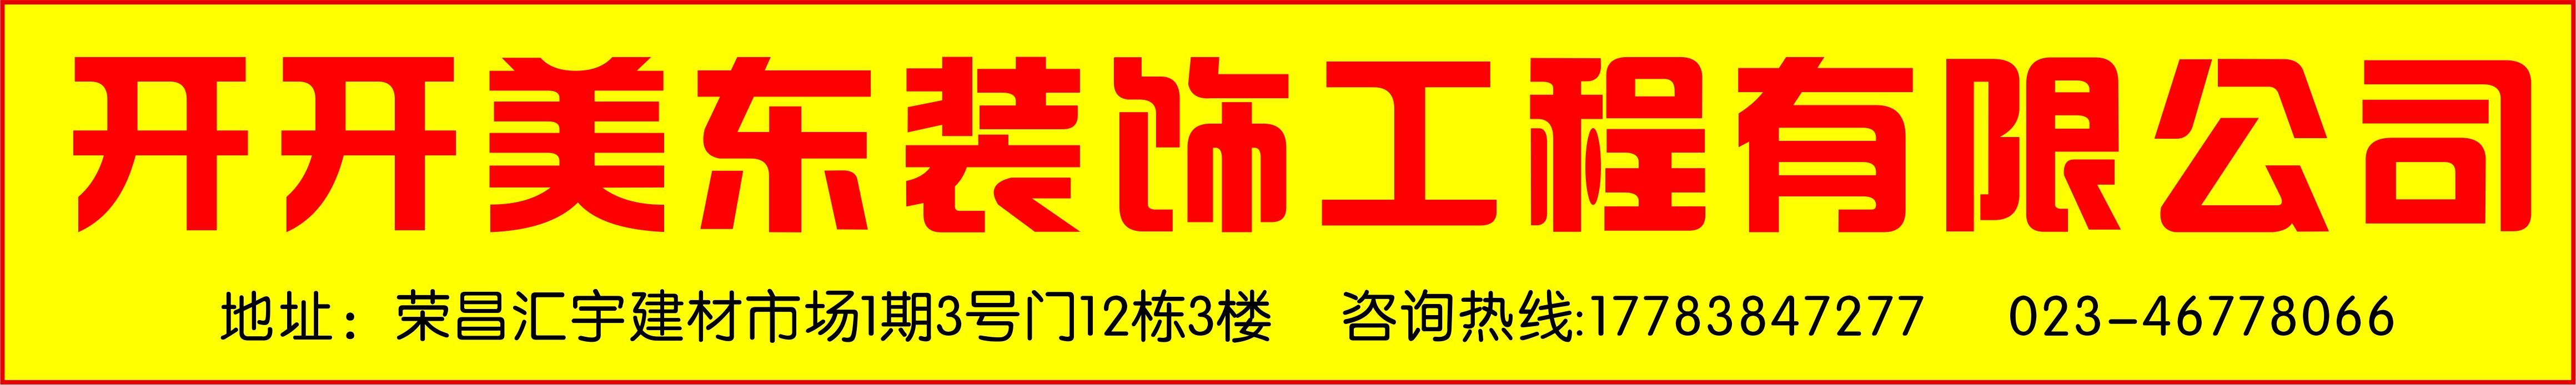 开开美东家私城-公司主页-荣昌找工作